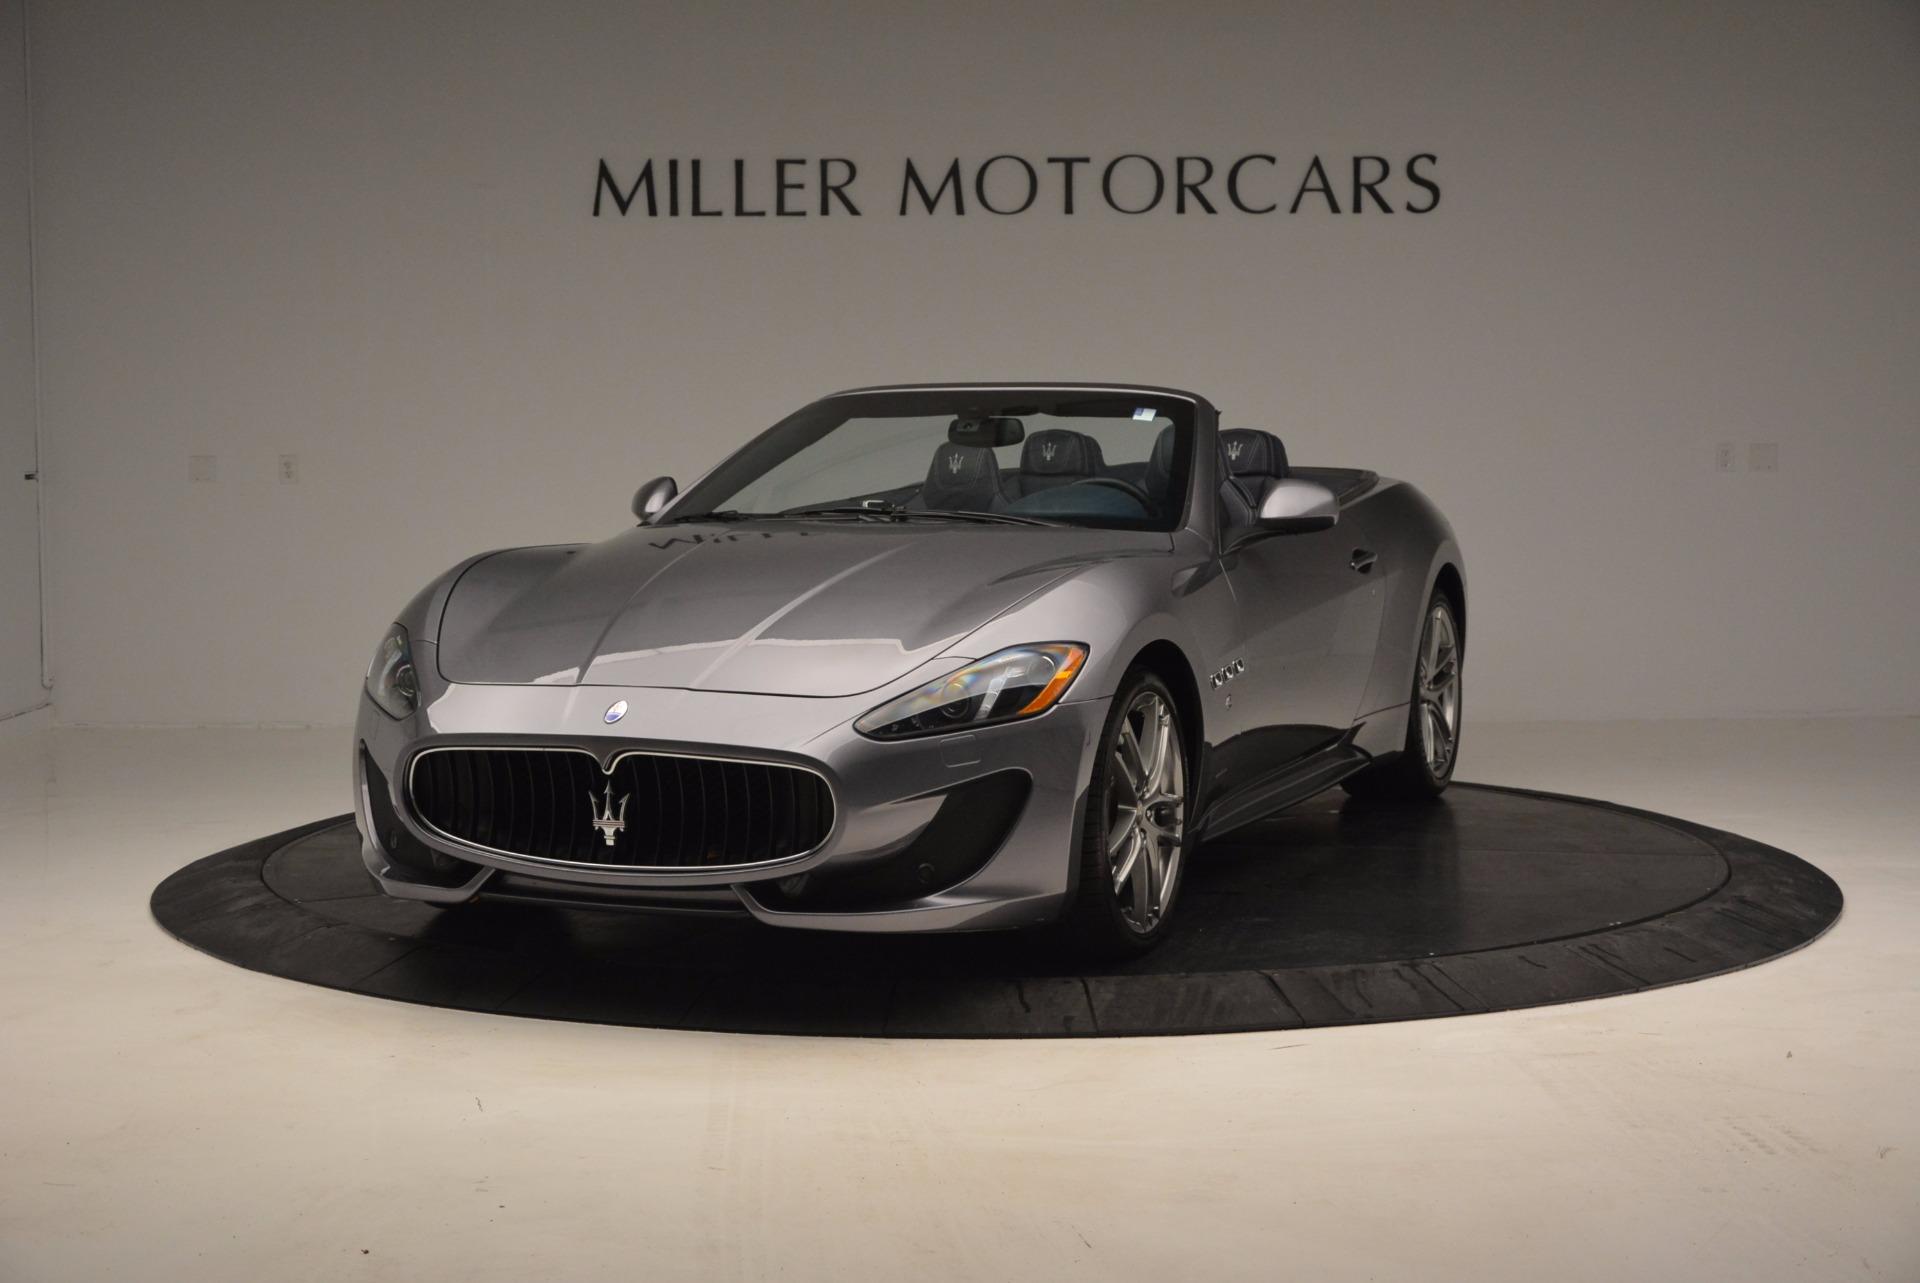 New 2016 Maserati GranTurismo Convertible Sport For Sale In Greenwich, CT 154_p2